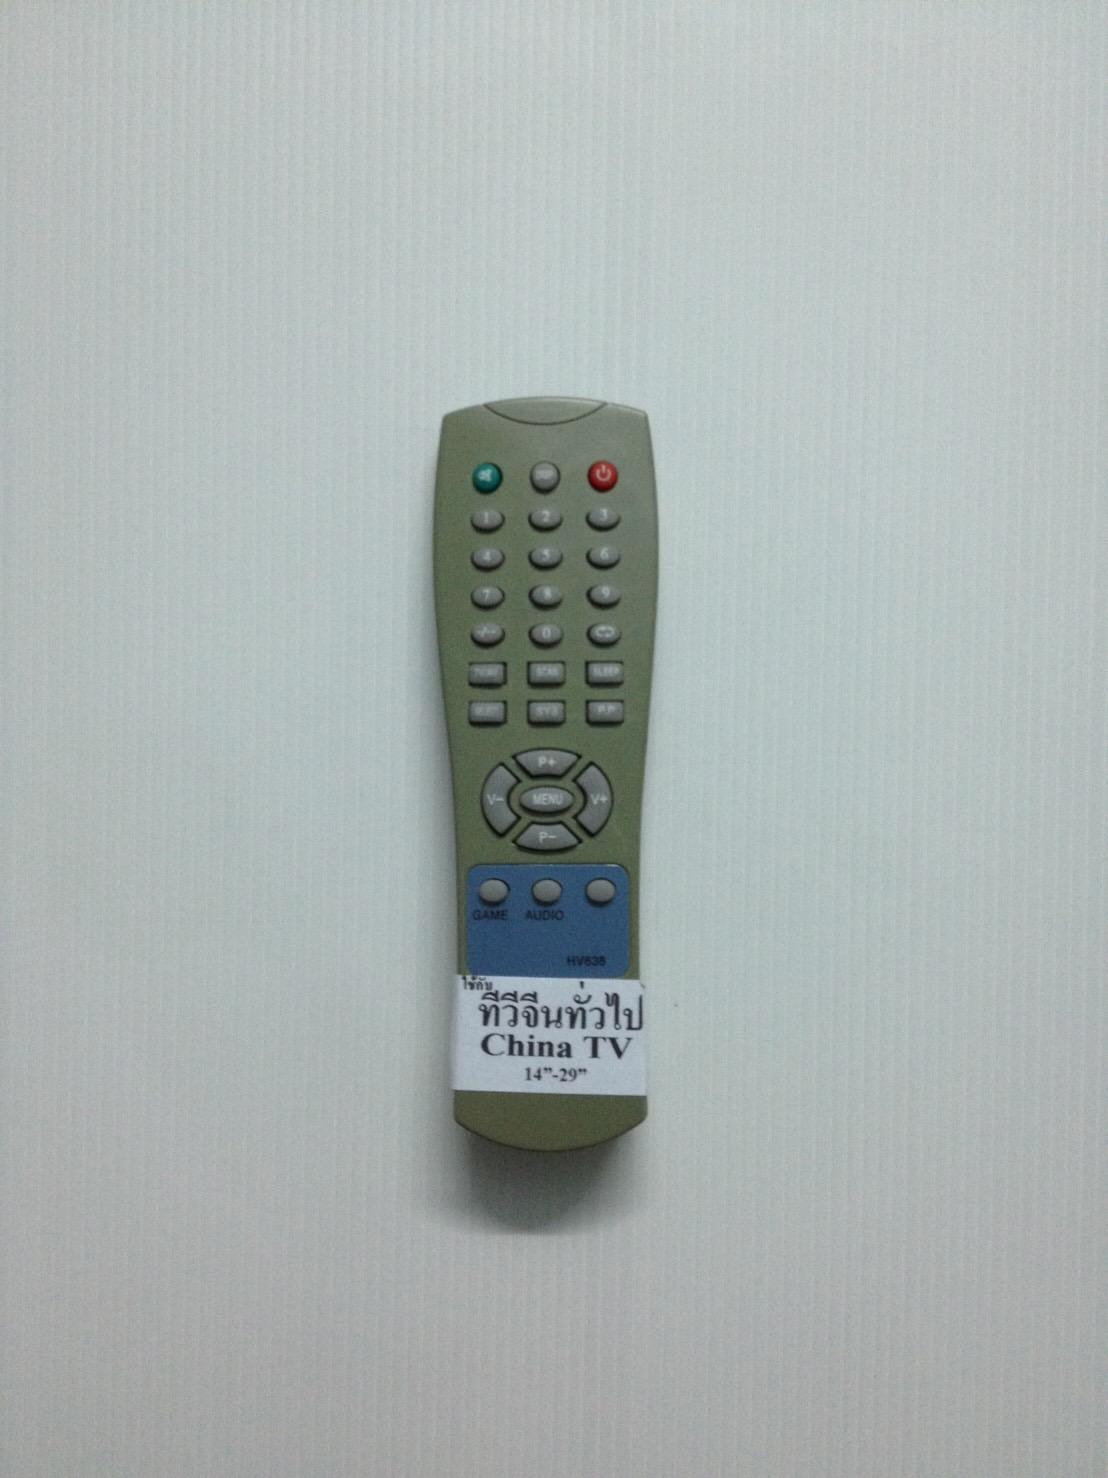 รีโมททีวีจีนทั่วไป HV638 ลงหลายยี่ห้อ